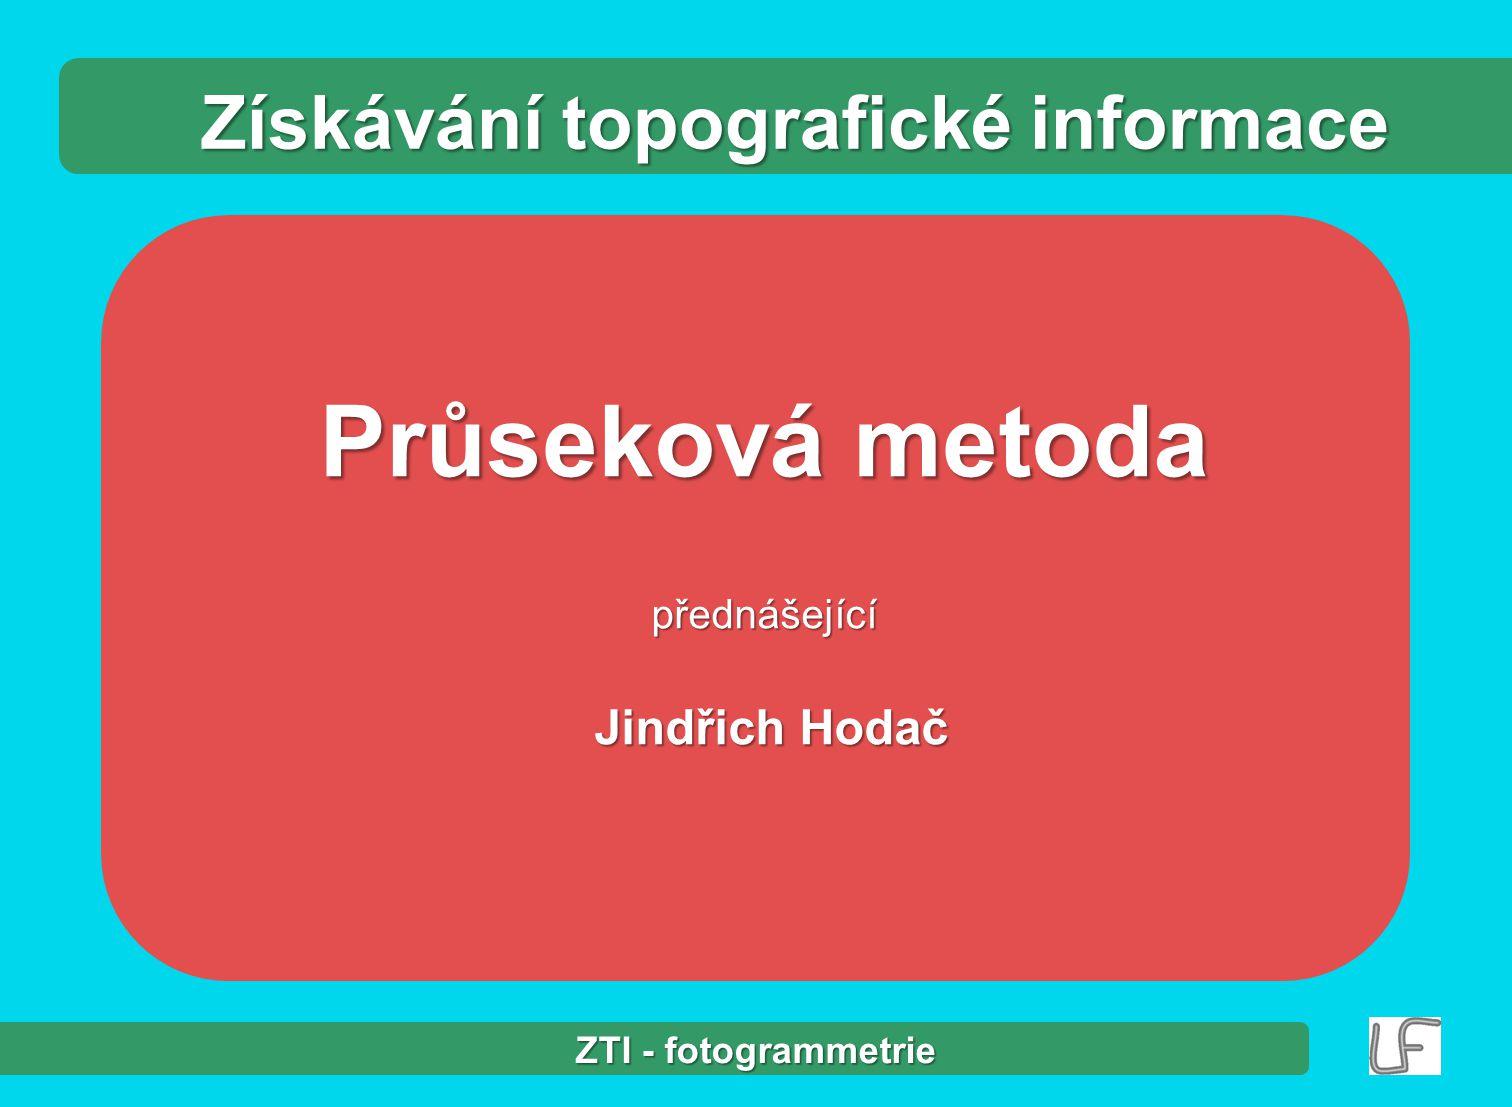 Průseková metoda přednášející Jindřich Hodač Jindřich Hodač Získávání topografické informace ZTI - fotogrammetrie